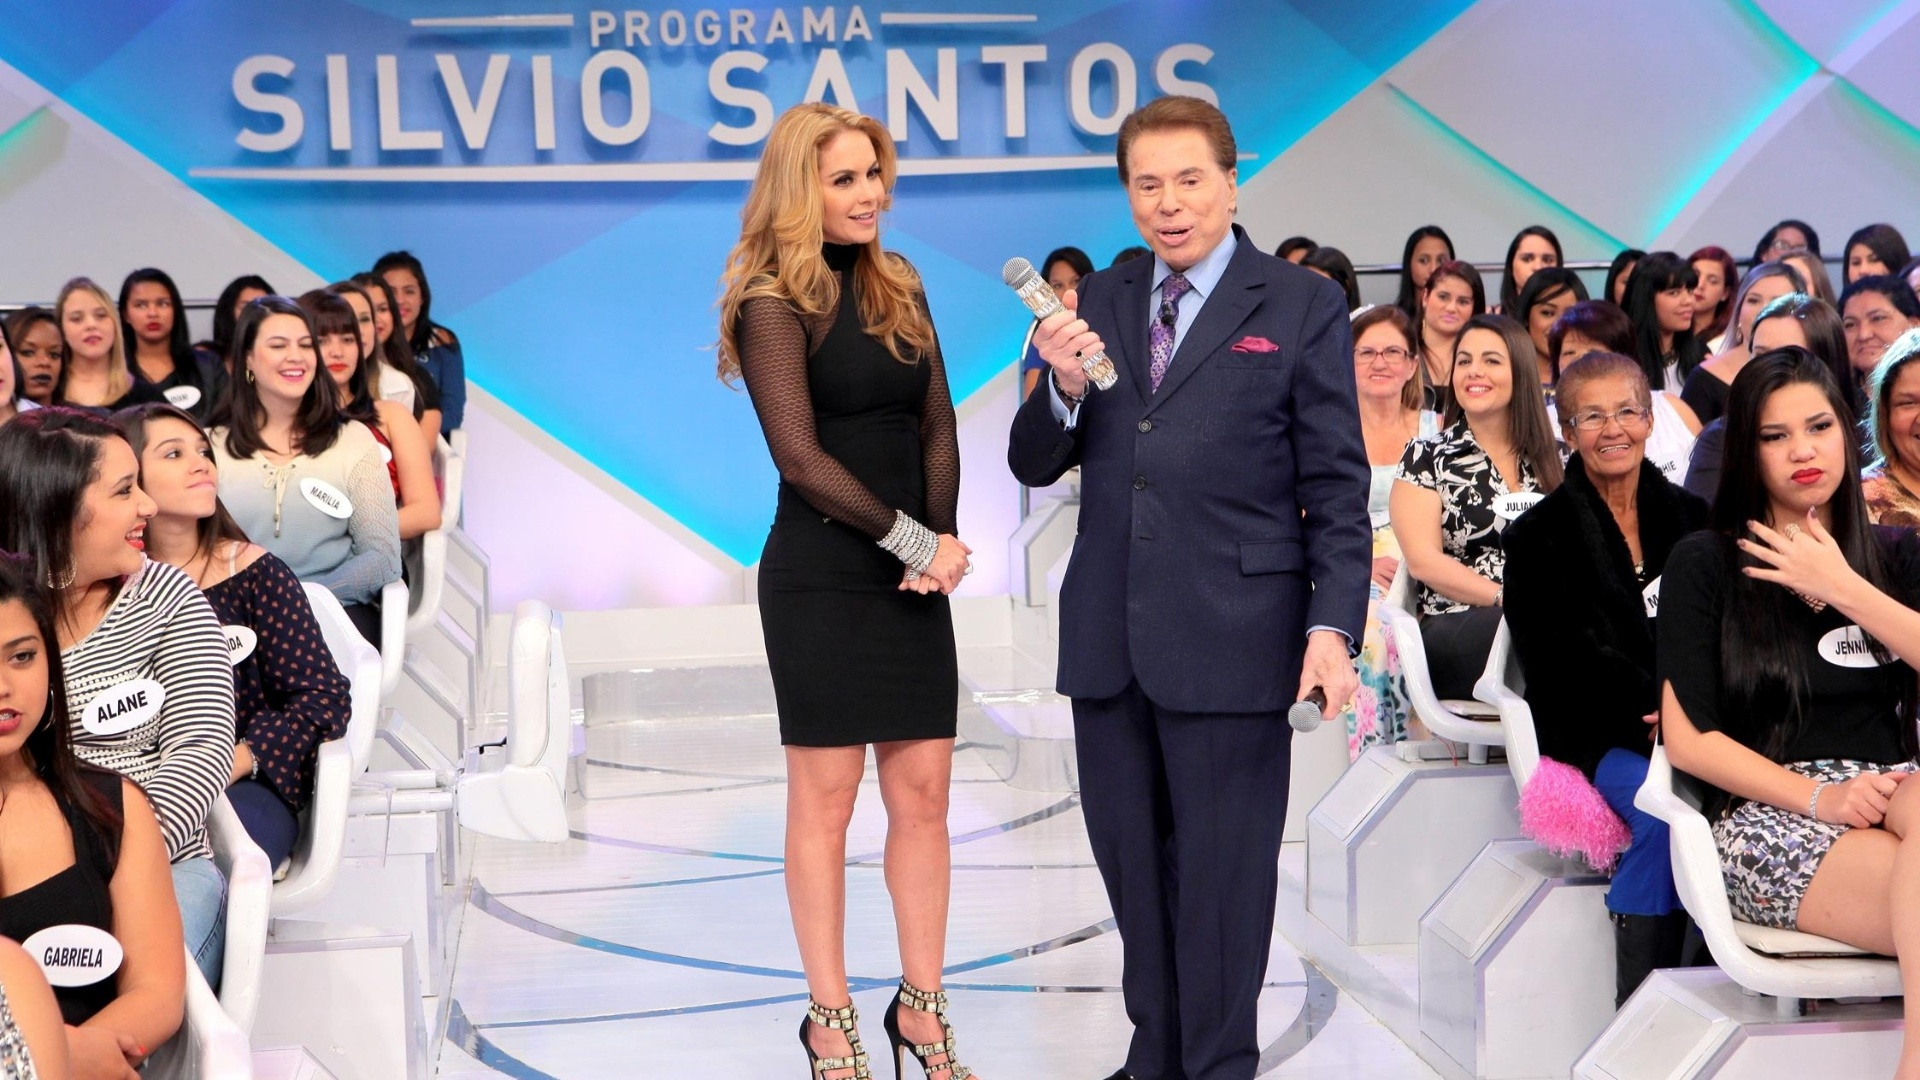 Silvio Santos conversa com a atriz mexicana Lucero no programa que irá ao ar no dia 17